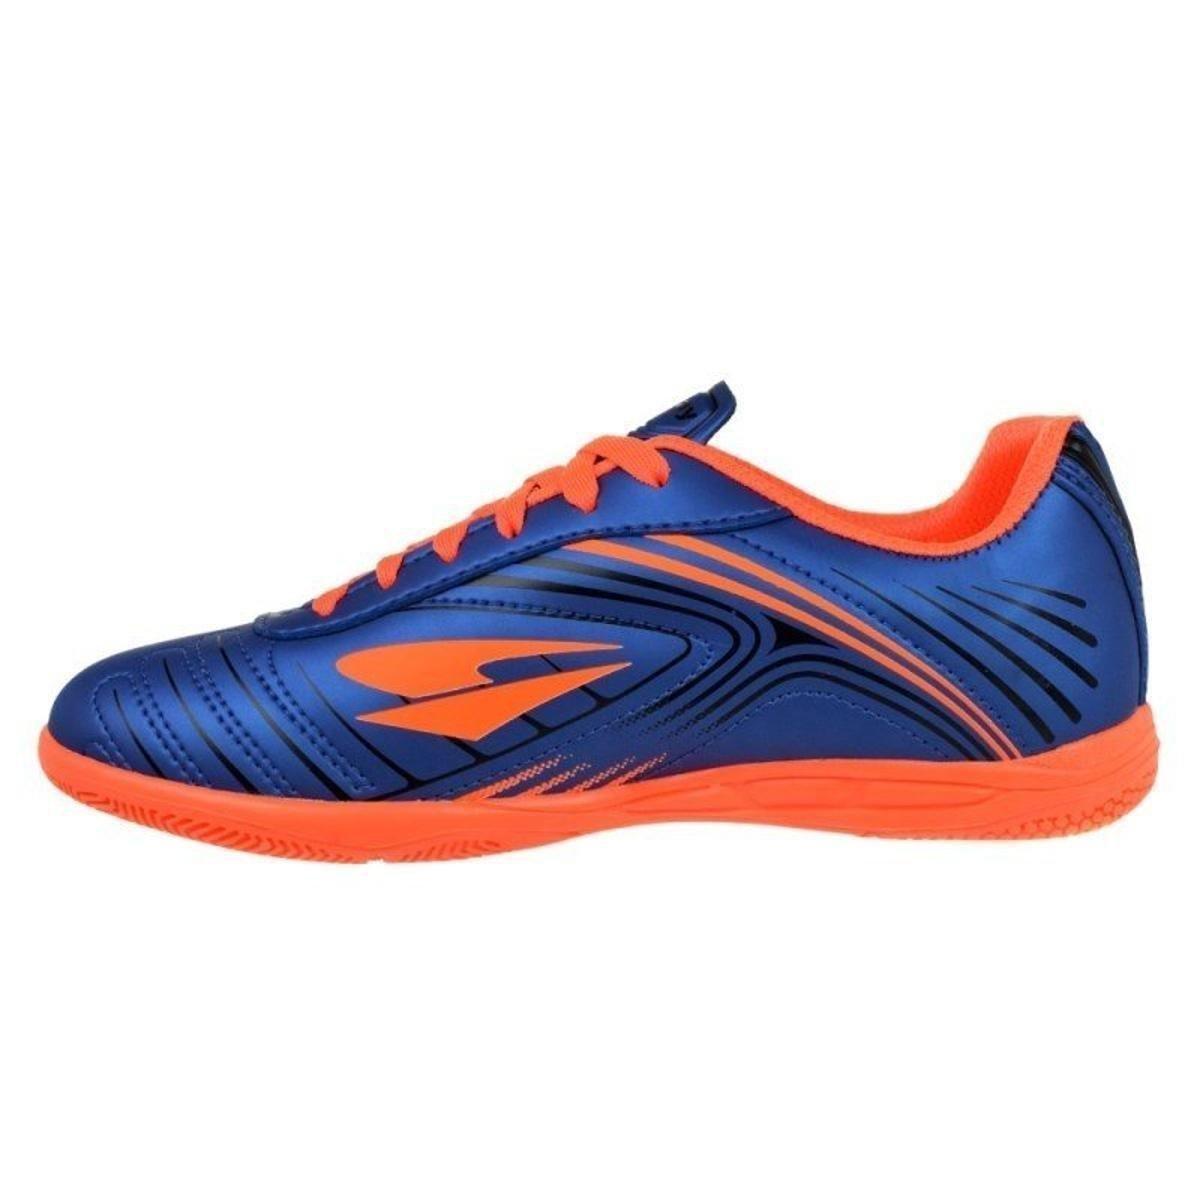 Chuteira Foorcy Foorcy Chuteira Masculina Dray Futsal Dray Chuteira Futsal II Masculina II Marinho Marinho rnArxzBF6